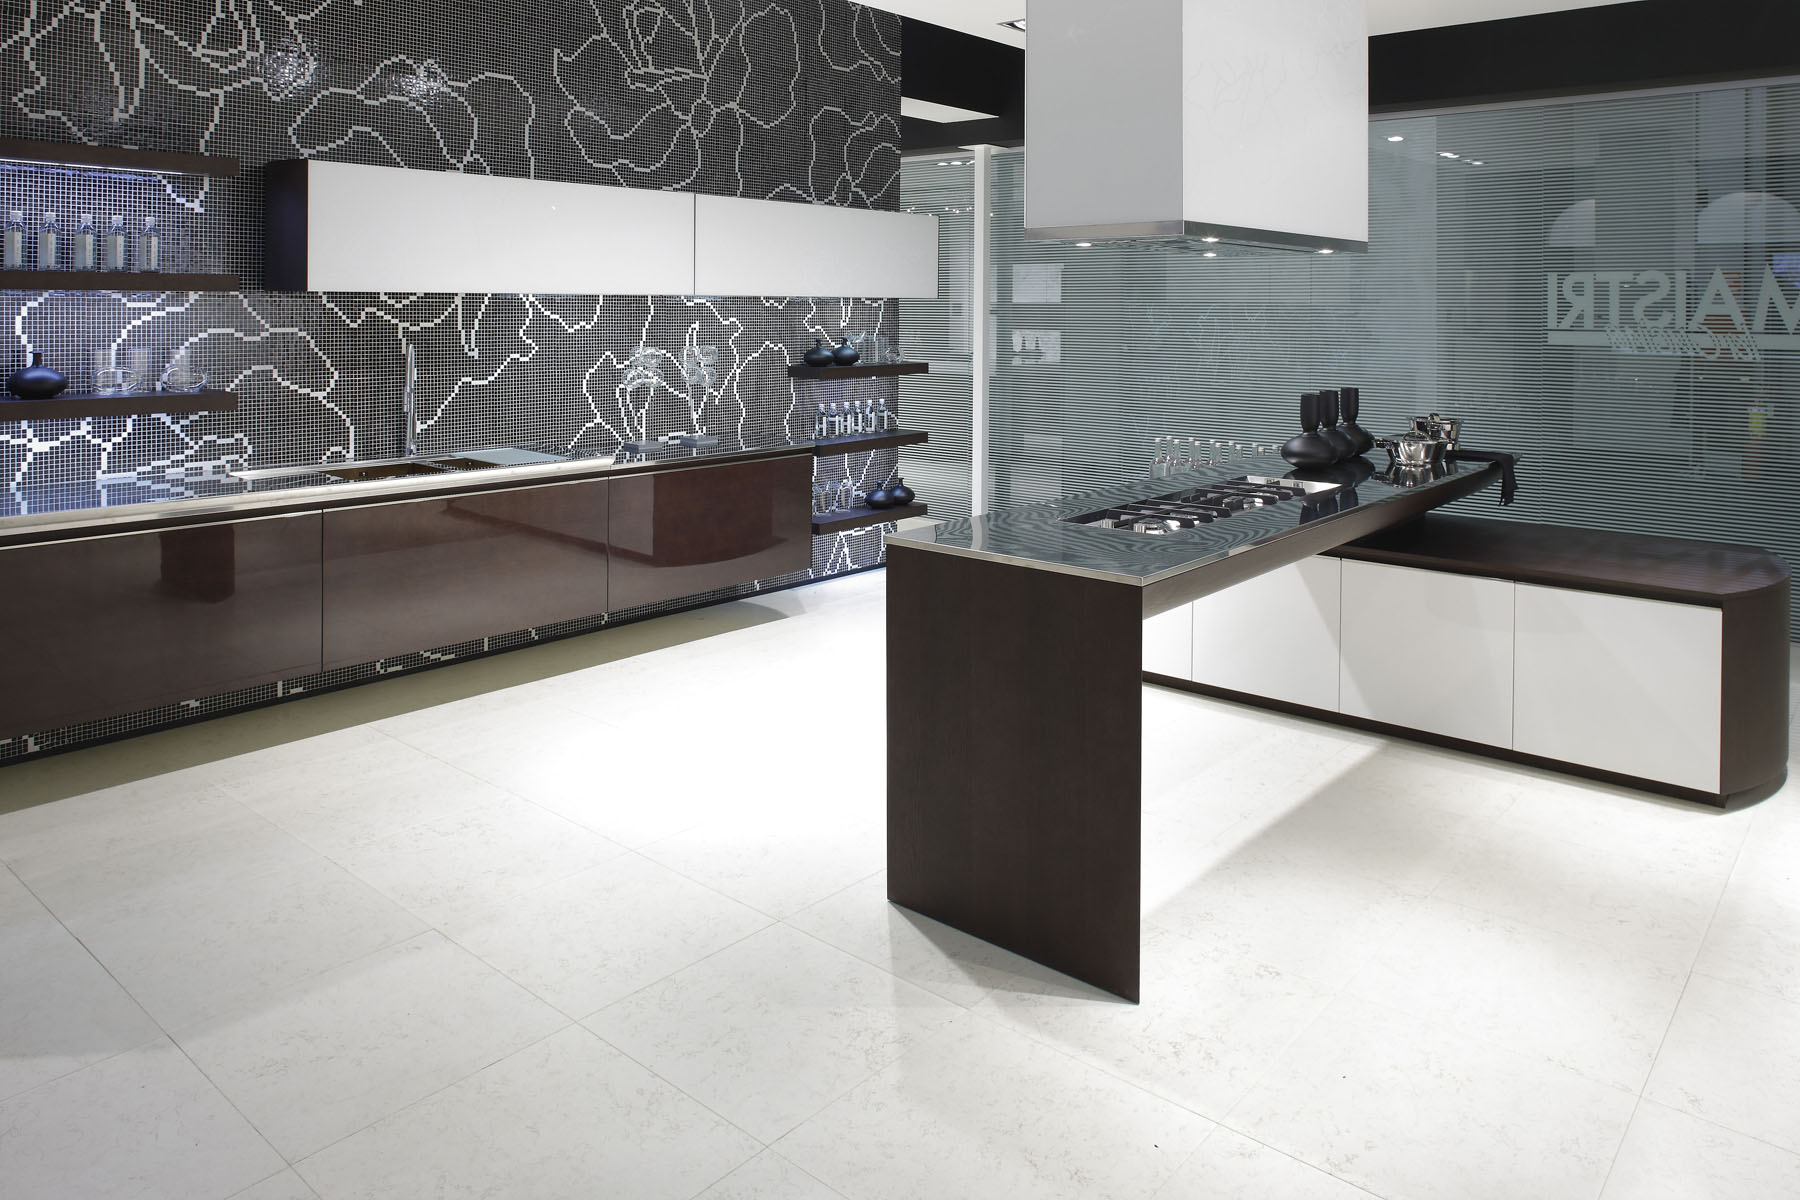 Trend - glass mosaic wallpaper